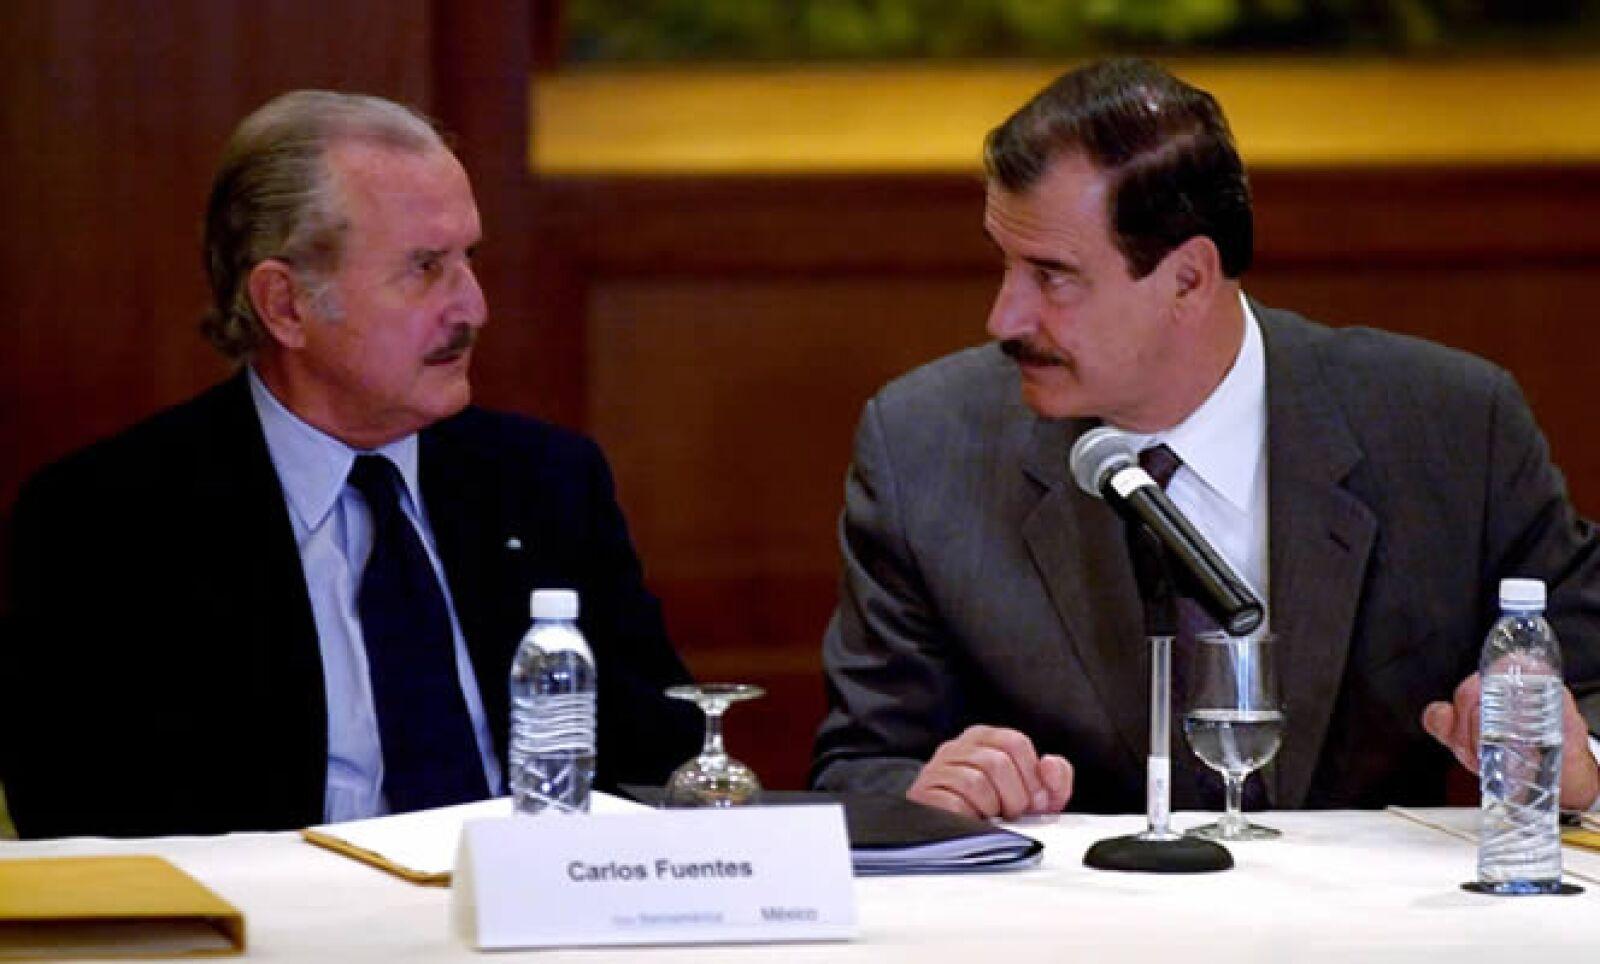 El 29 de noviembre del 2000, el entonces recién elegido presidente de México, Vicente Fox, se reunió con el autor de 'La región más transparente'.